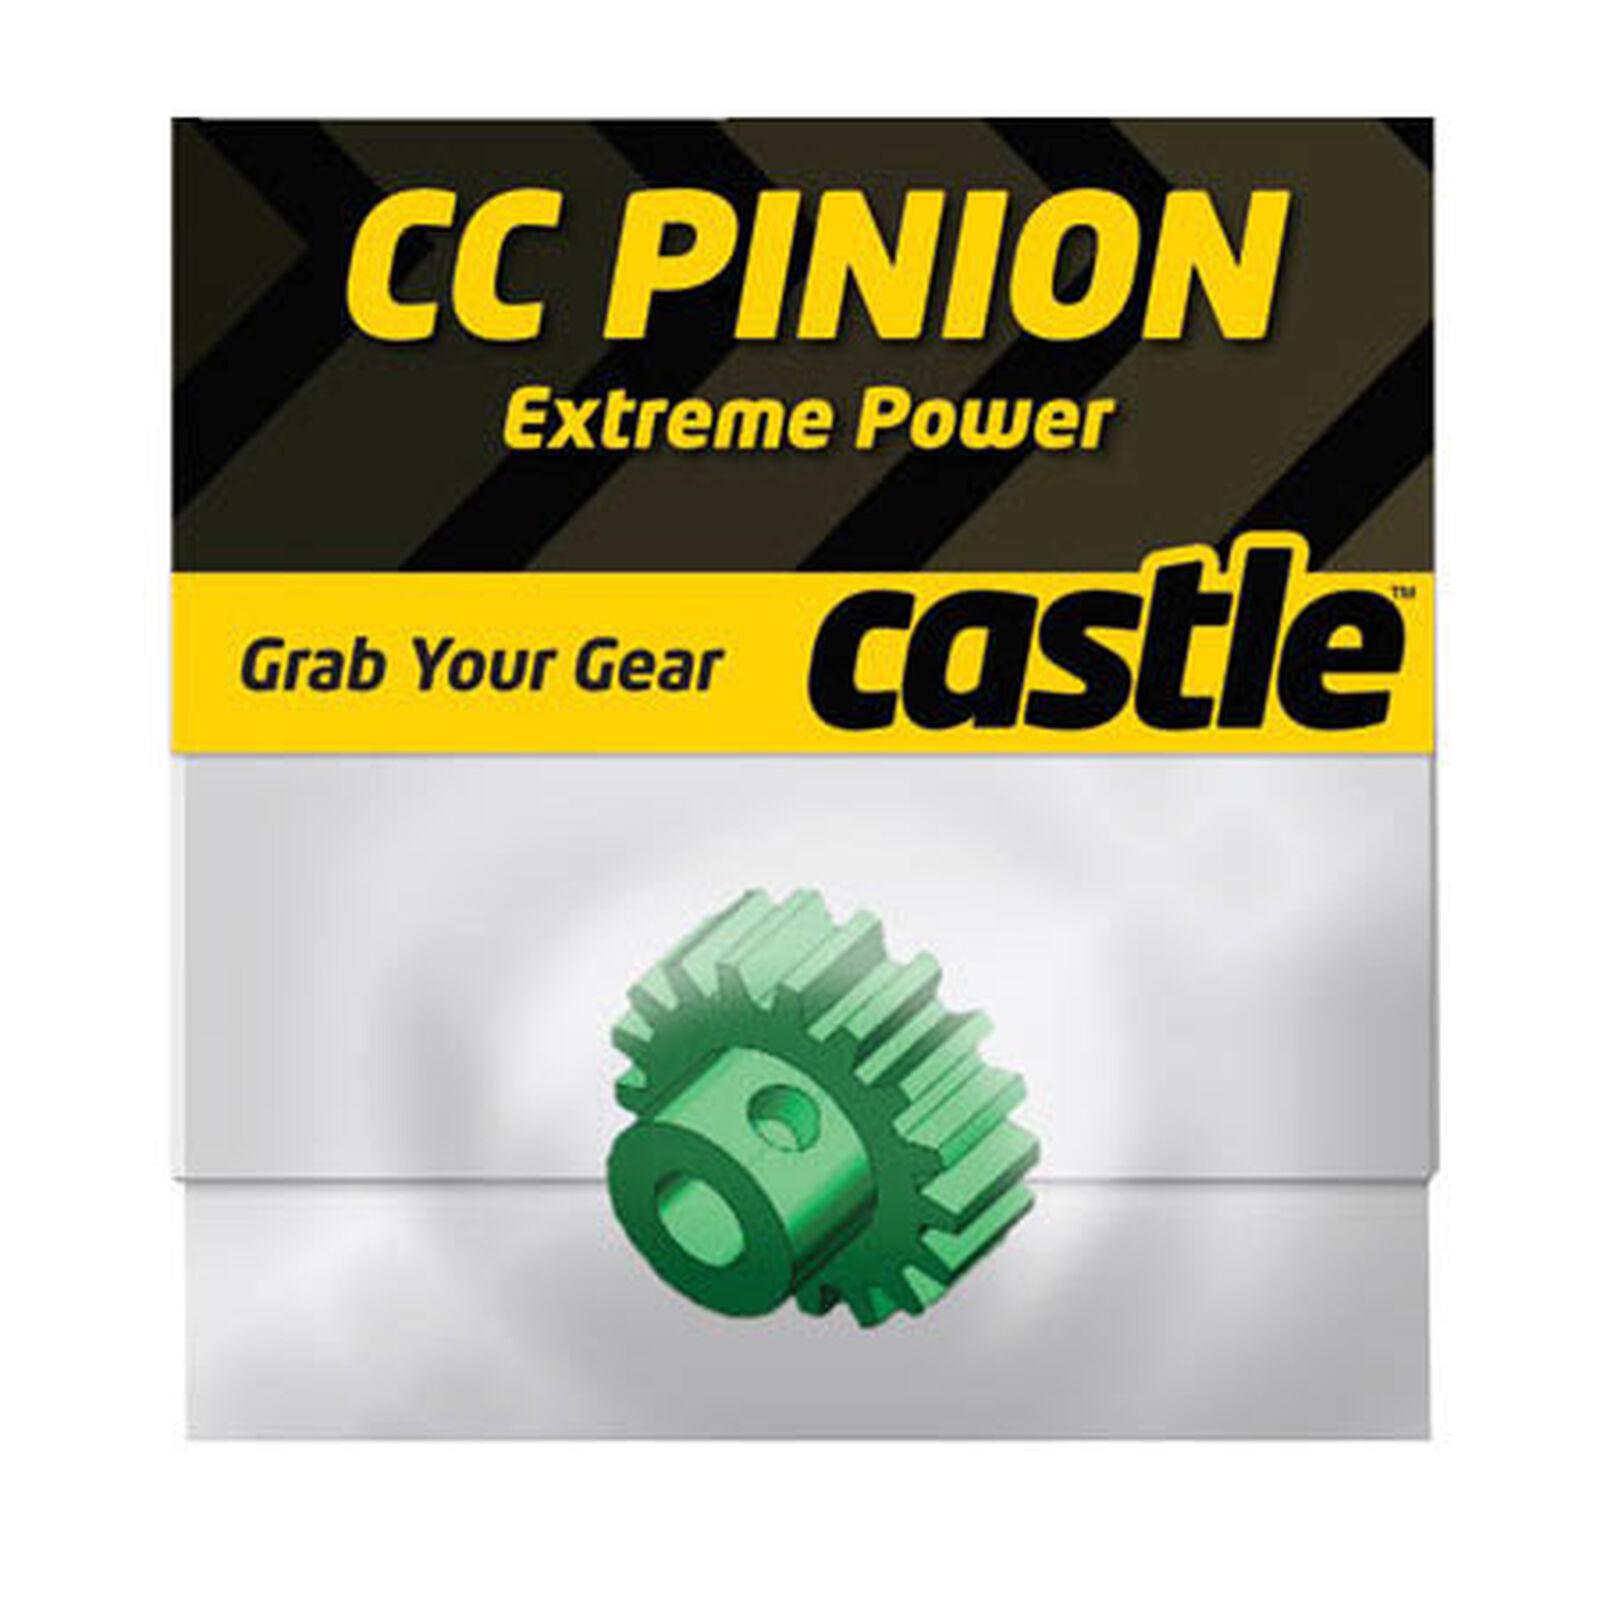 32P CC Pinion, 28T